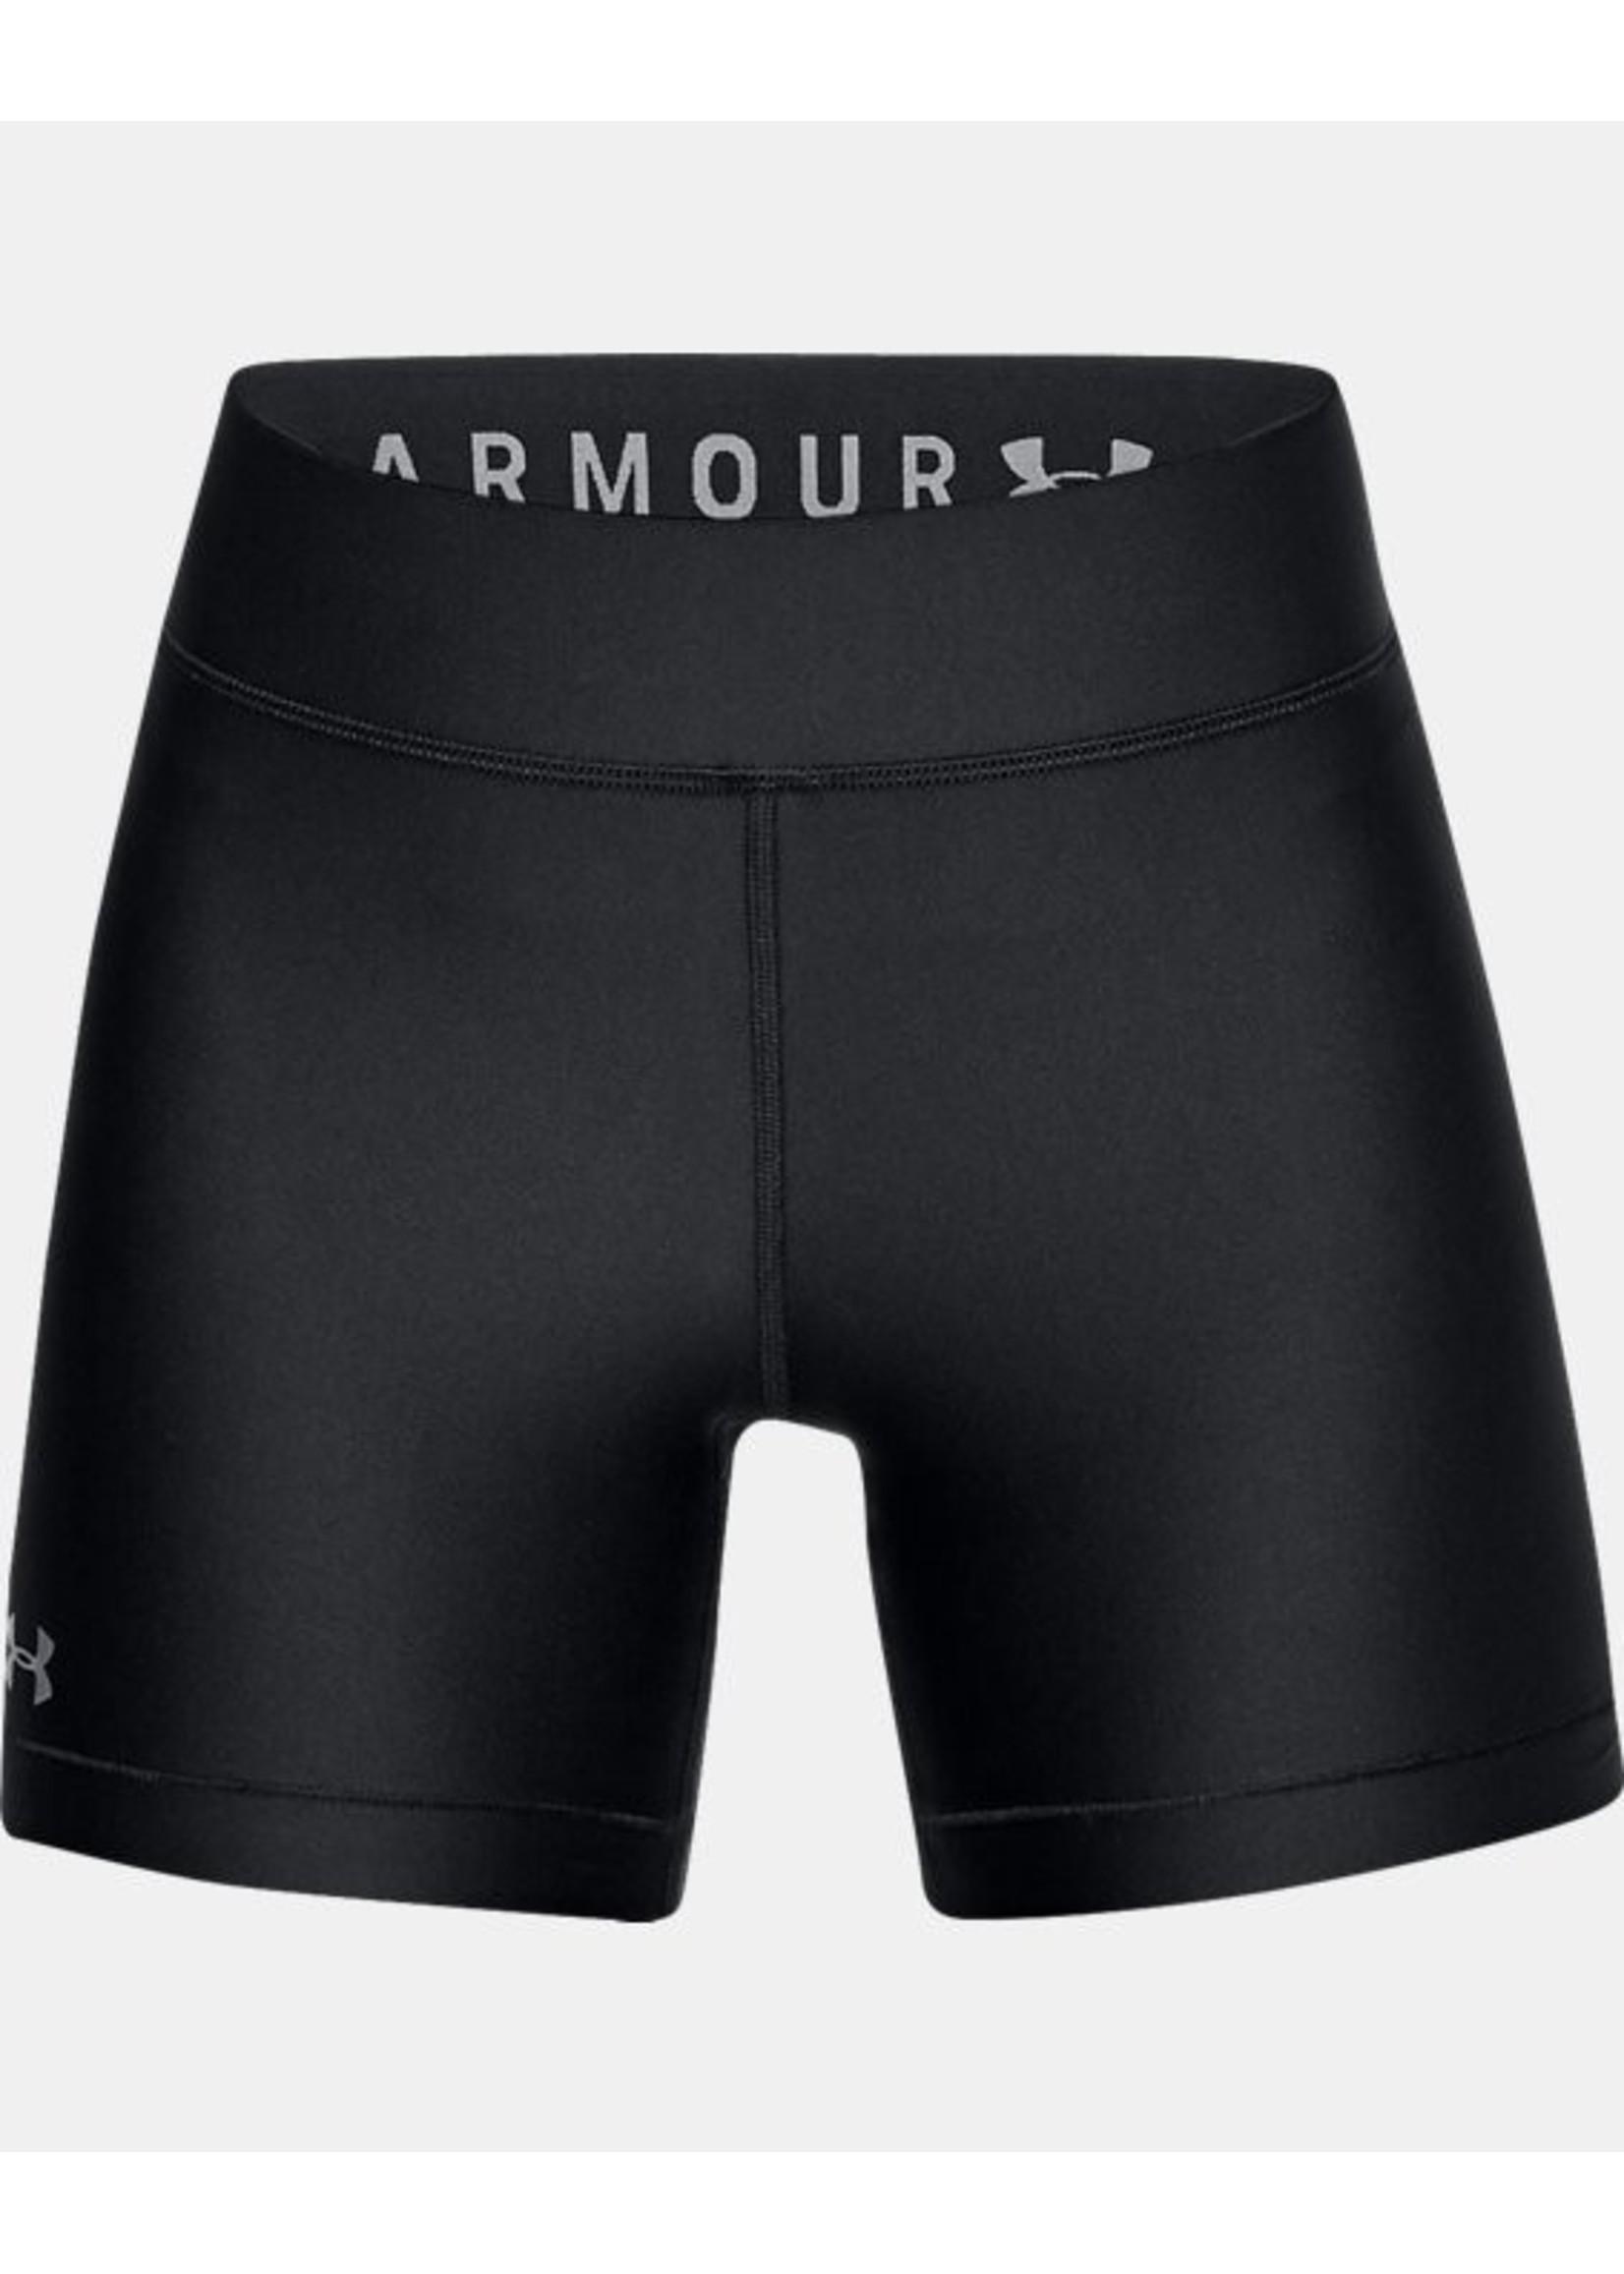 Under Armour UA HG ARMOUR MIDDY 1316681